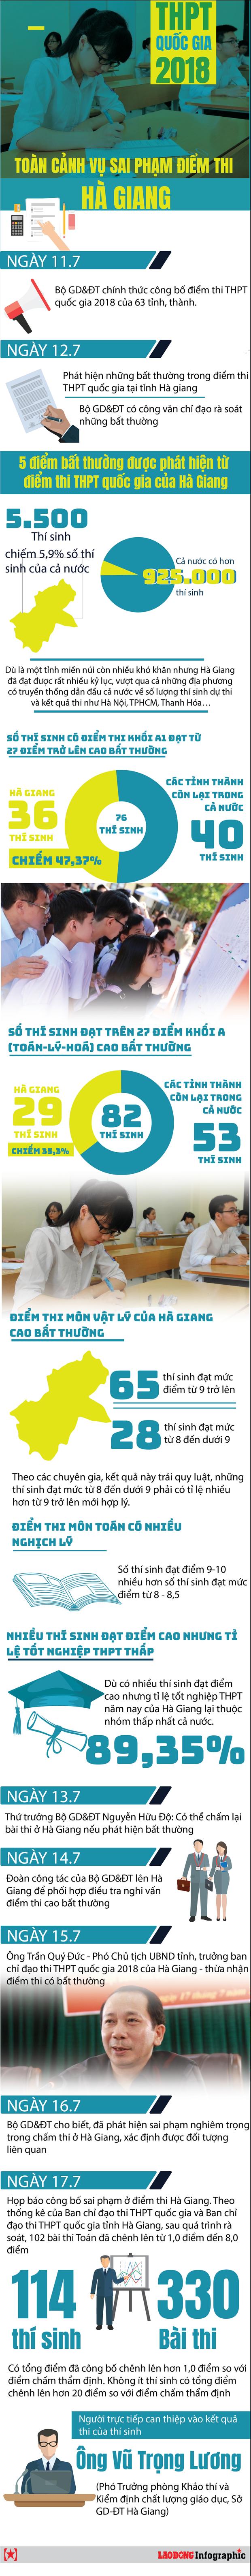 Hà Giang có tân Phó Giám đốc Sở GDĐT sau bê bối nâng điểm thi - Ảnh 1.